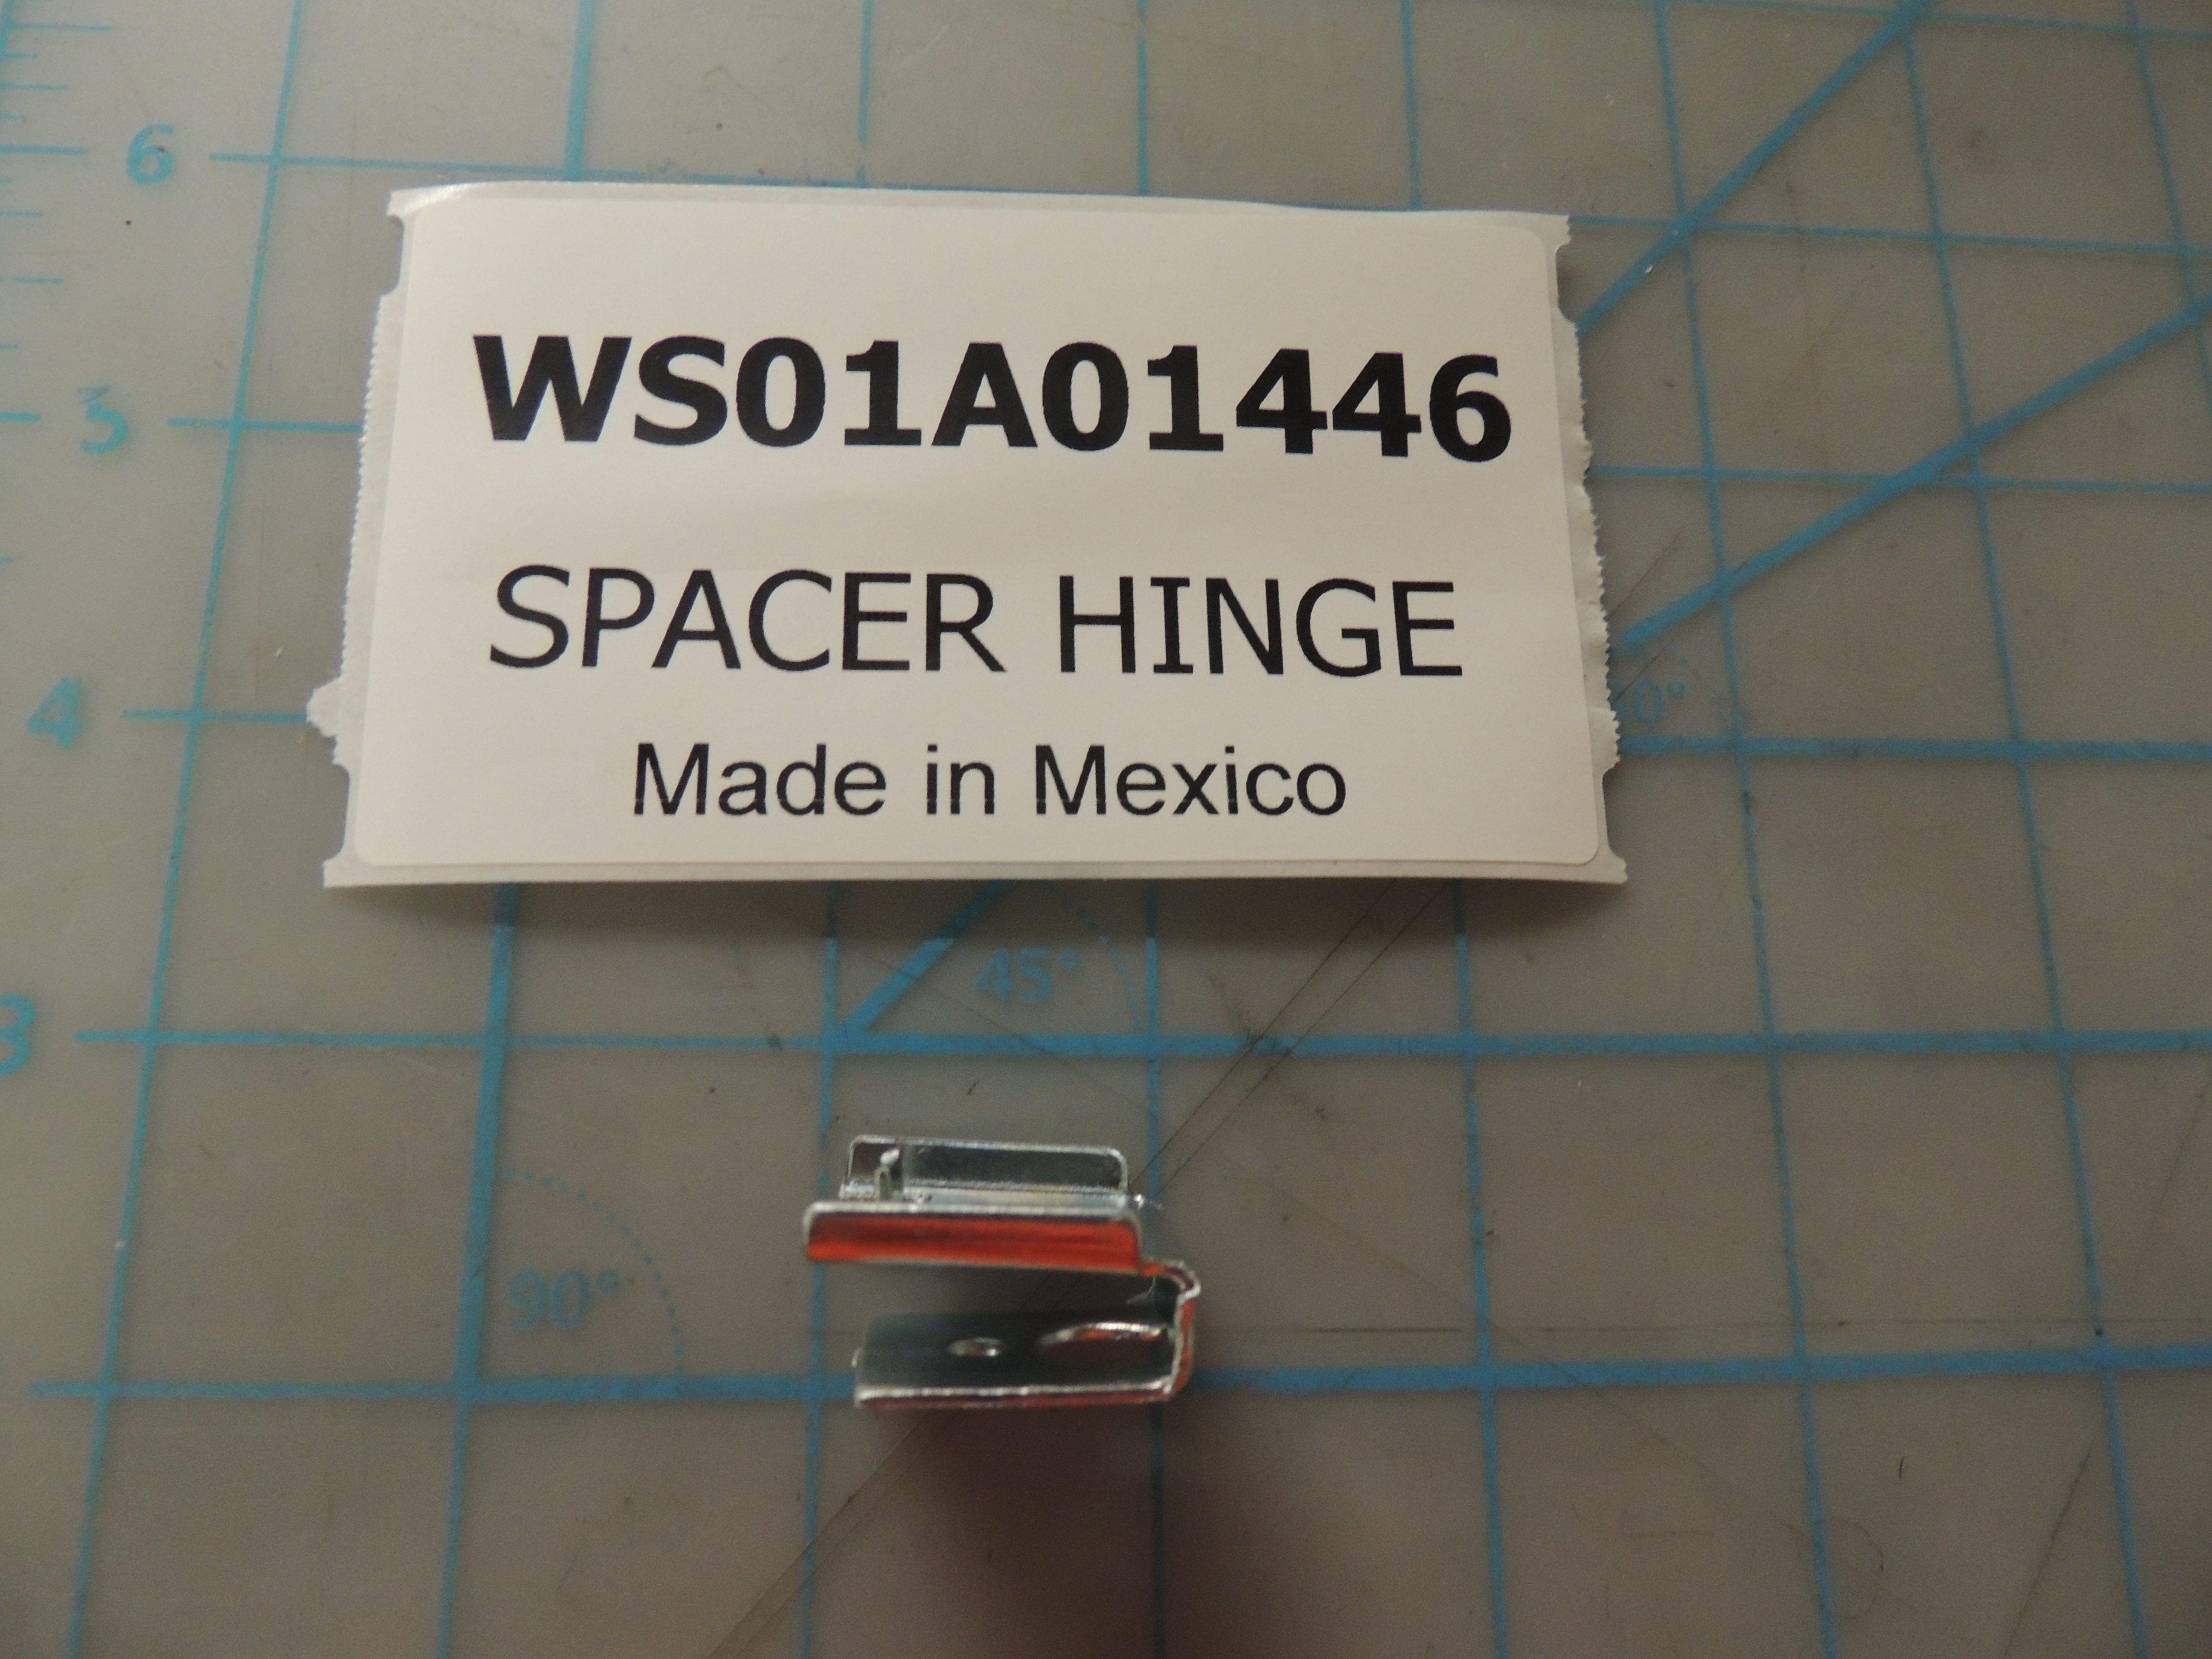 SPACER HINGE